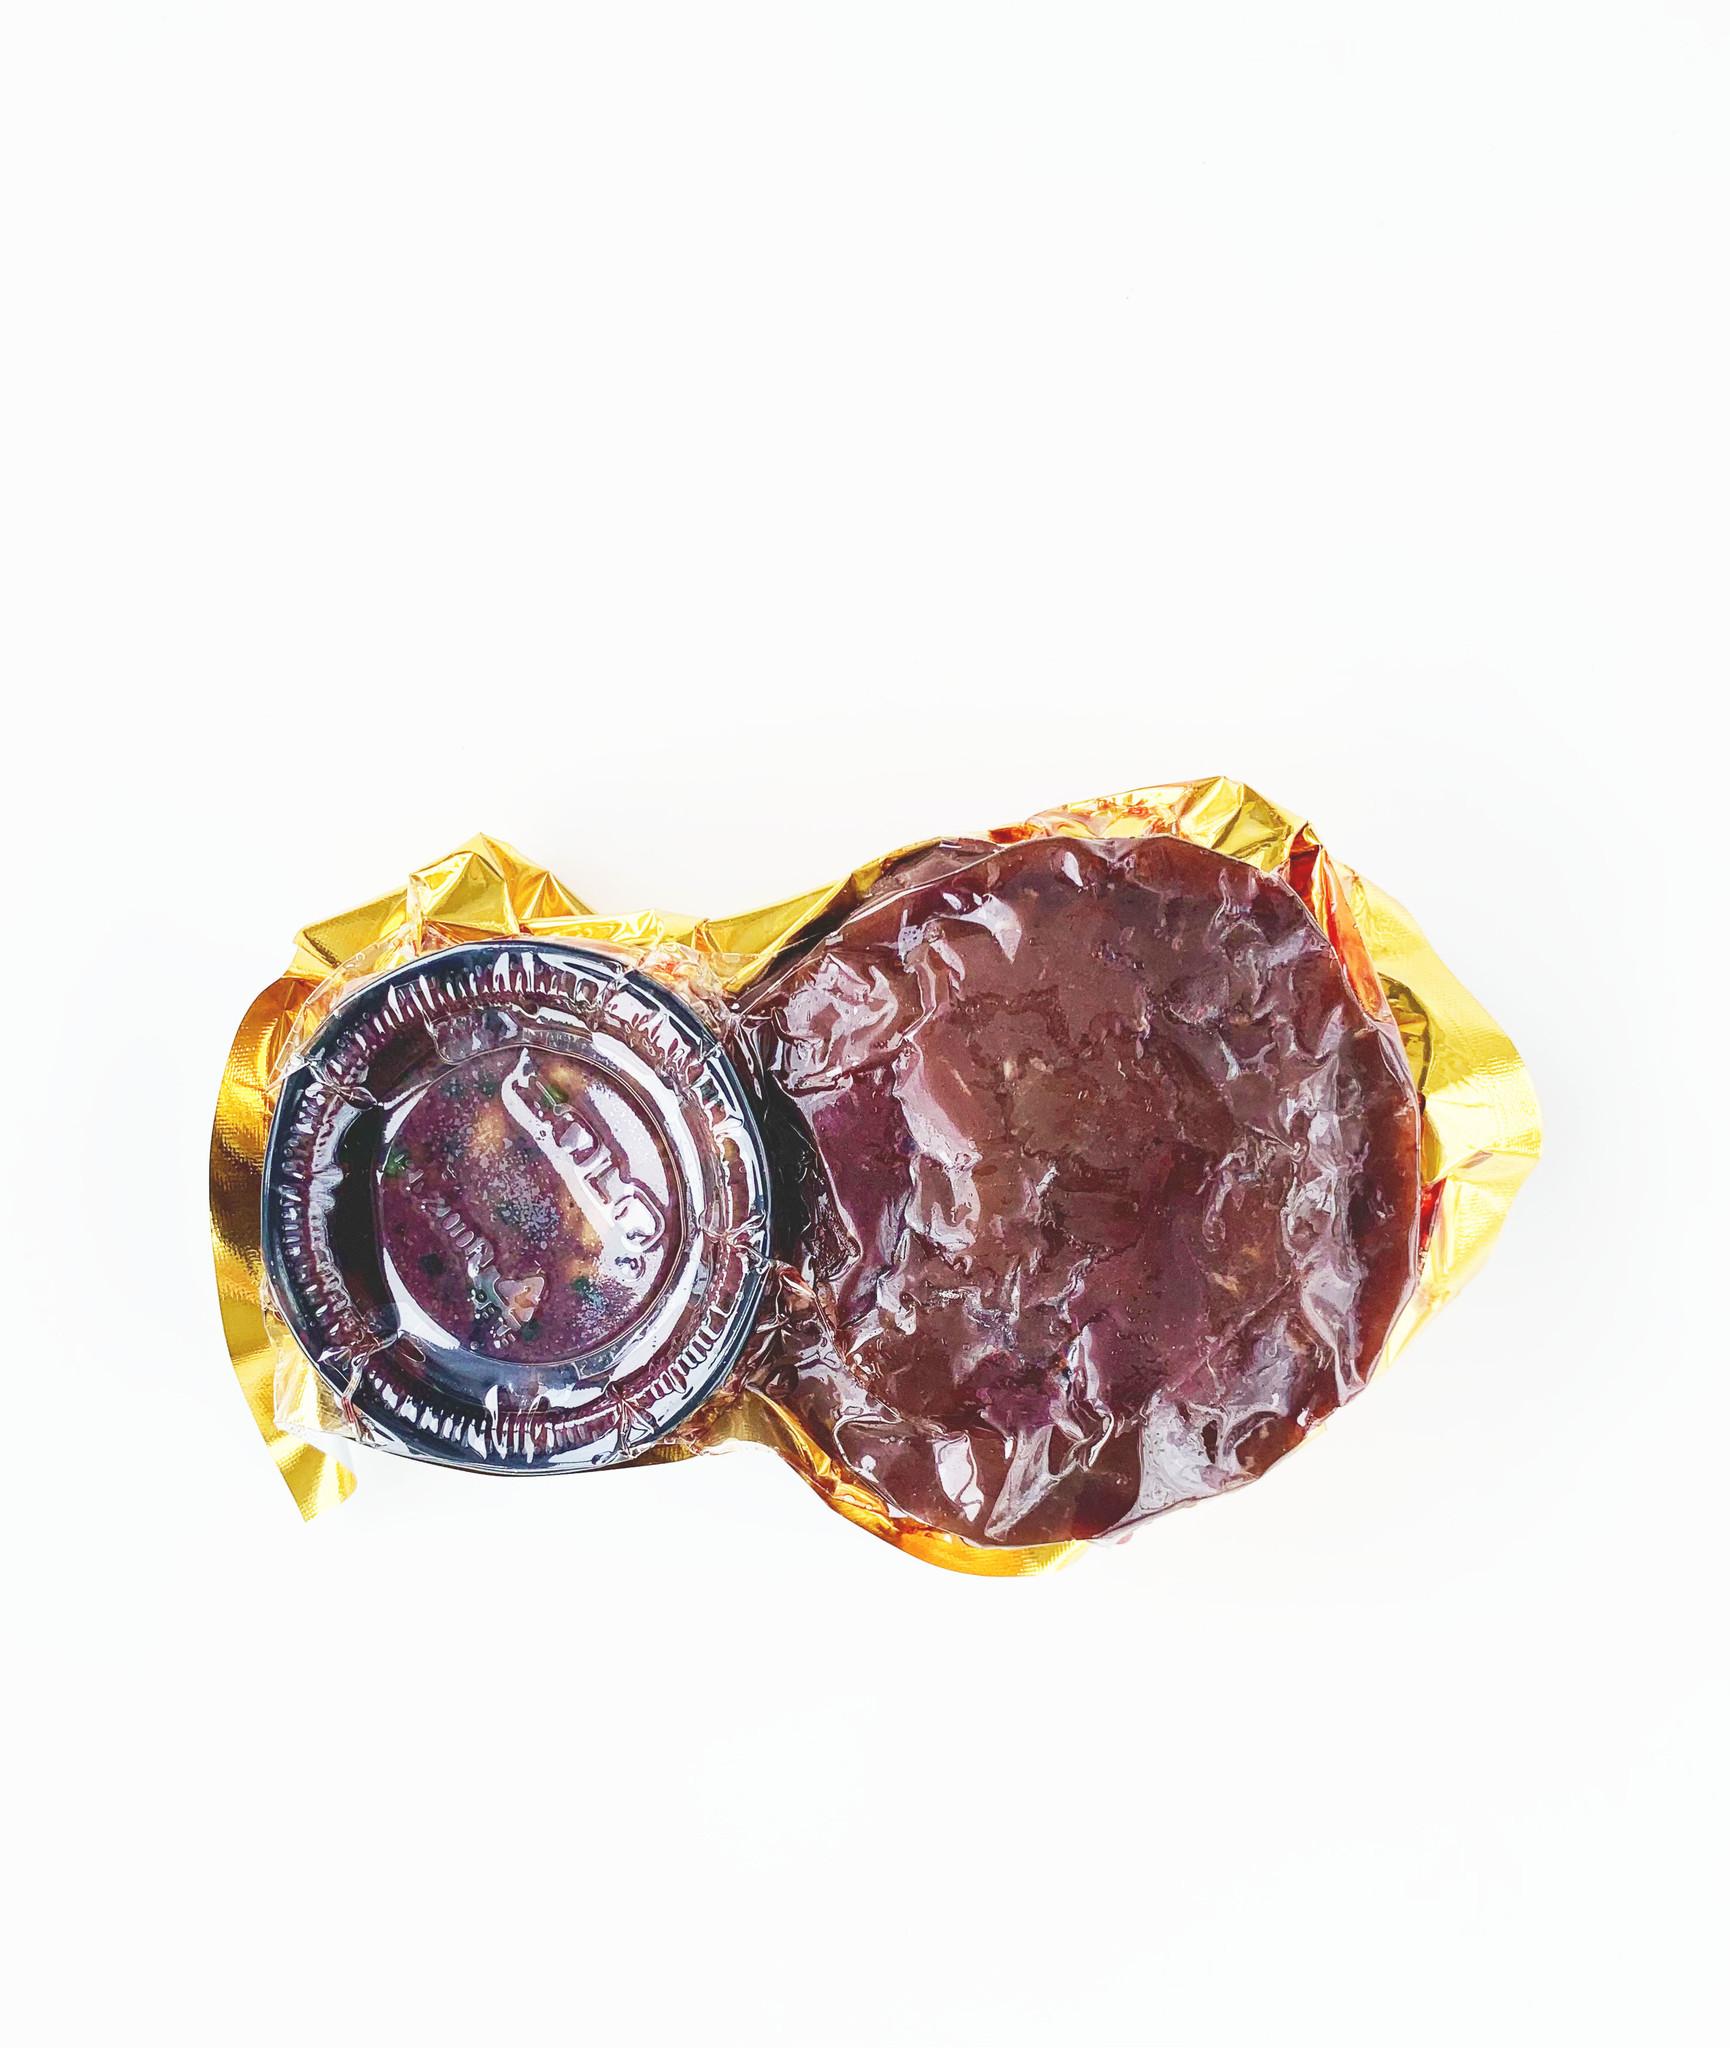 Tartare de cerf boréal aux bleuets & aux graines de tournesol